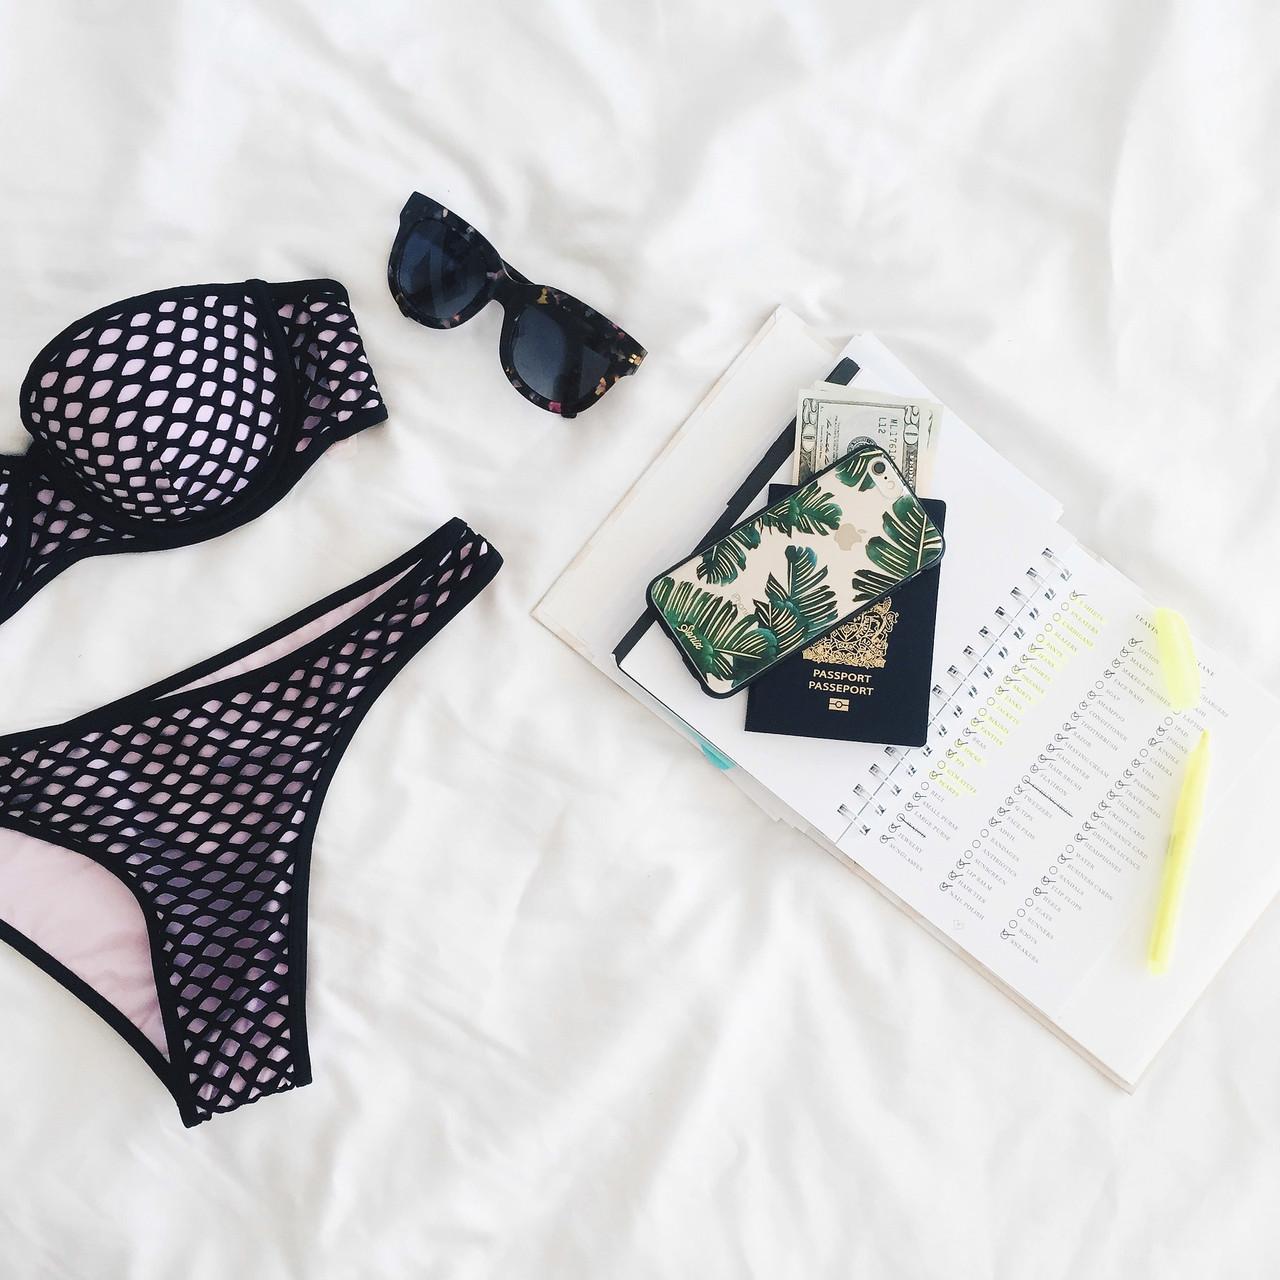 Summer Styles - What We're Loving This Week